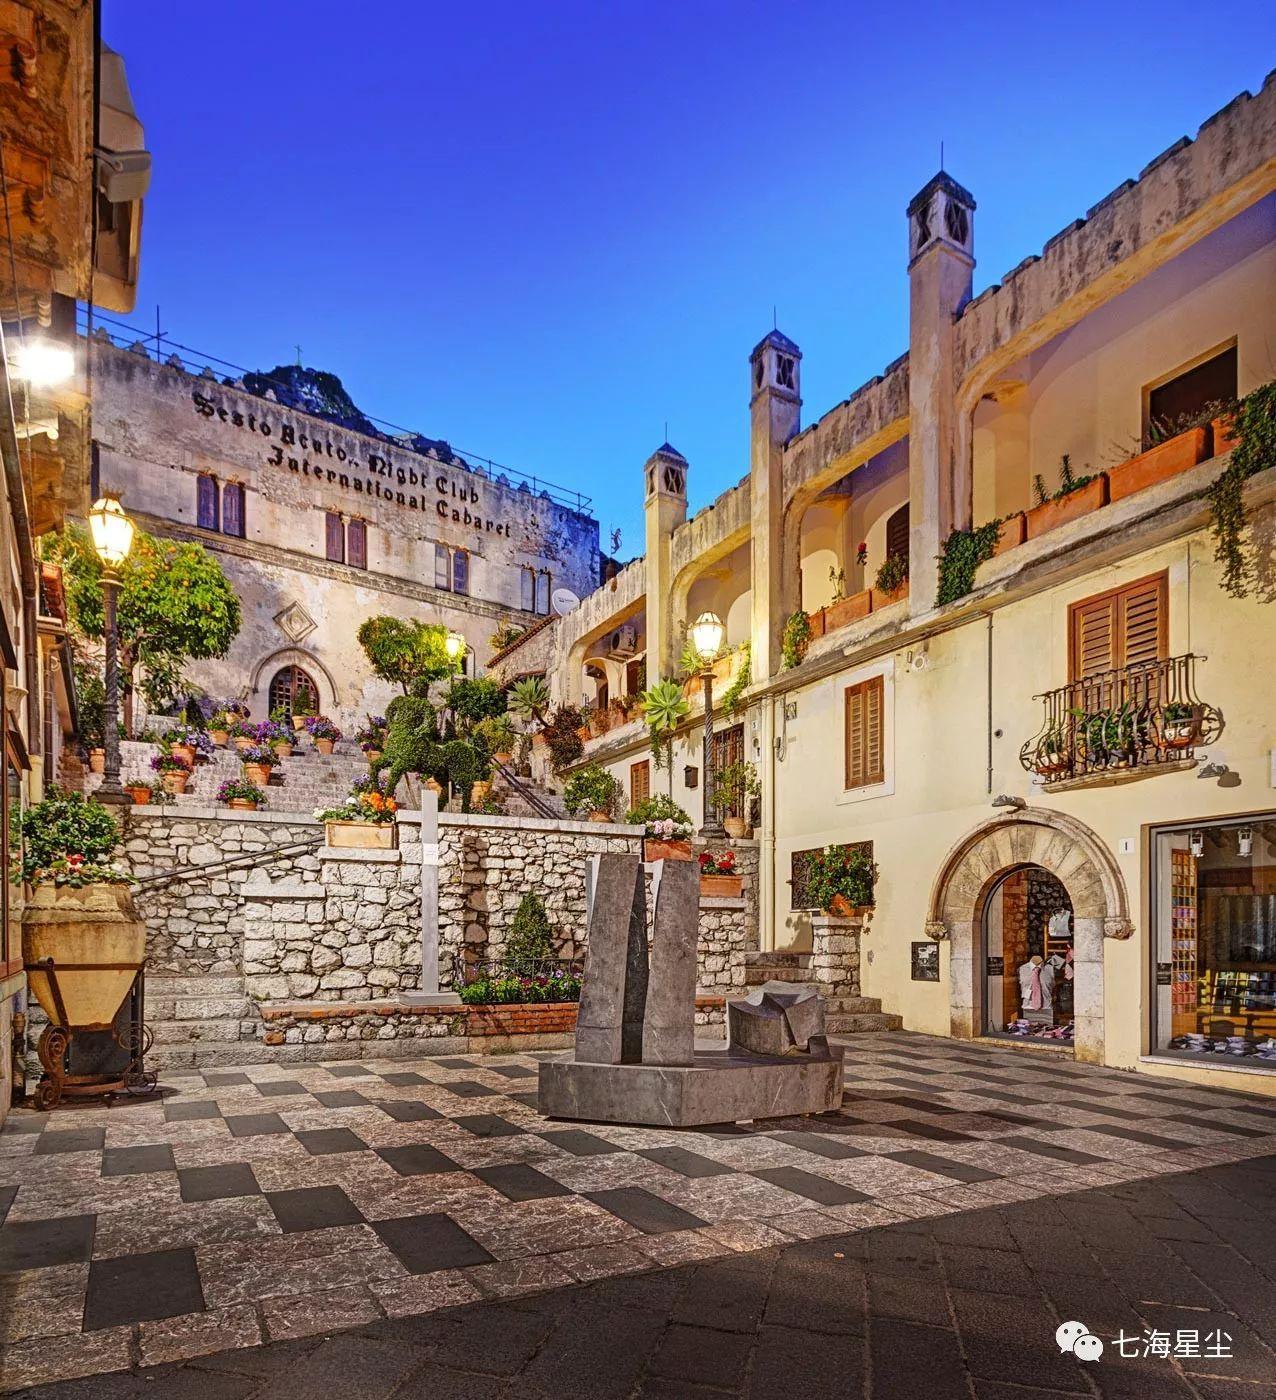 西西里若有十分美,九分尽在这个小镇!